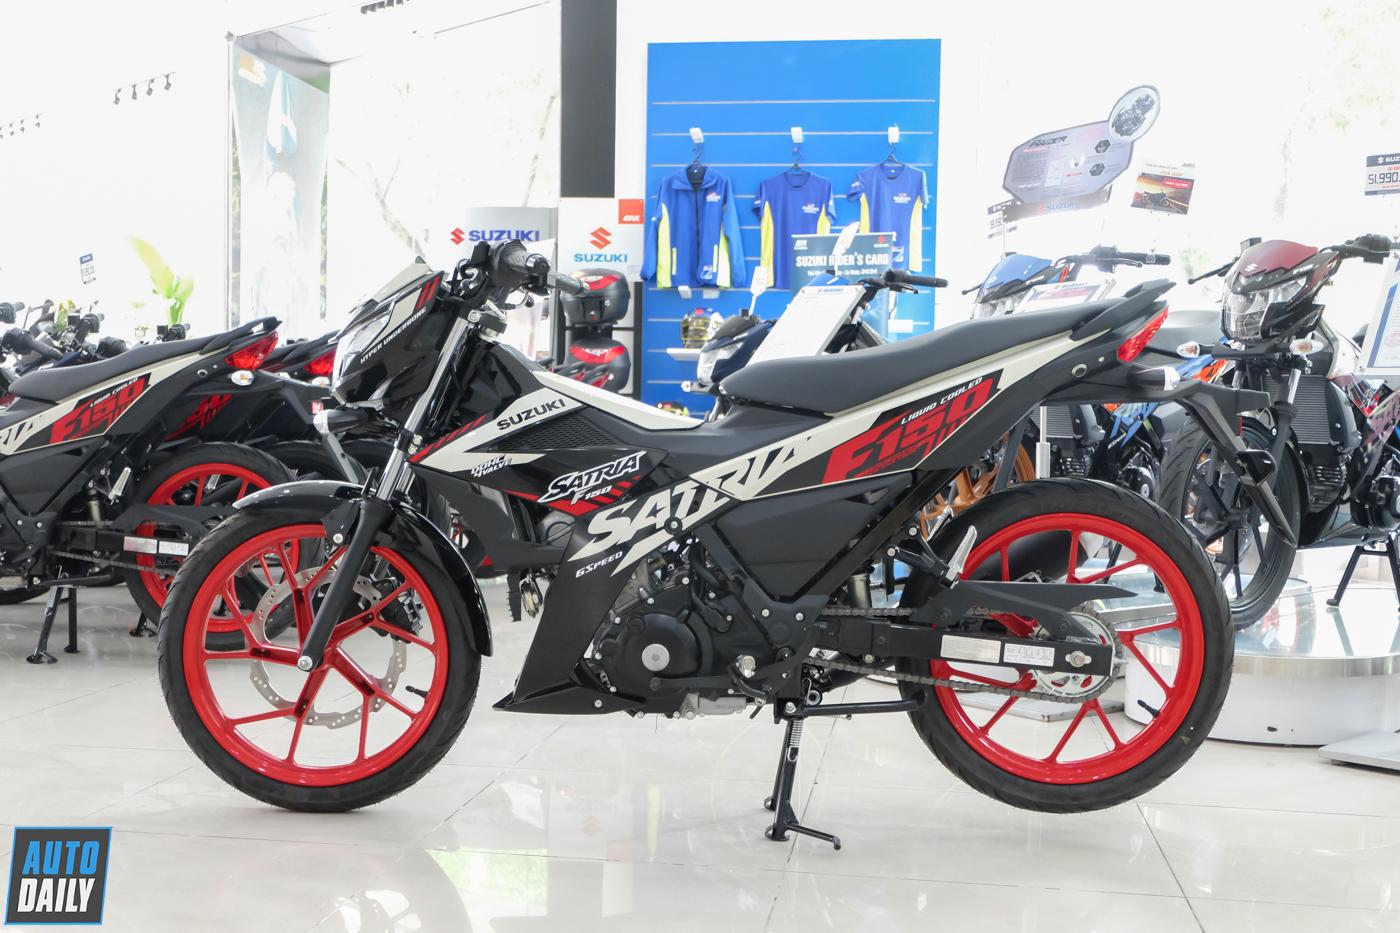 Cận cảnh Suzuki Satria F150 2021 giá gần 52 triệu đồng Suzuki-Satria-F150-2021 (2).JPG